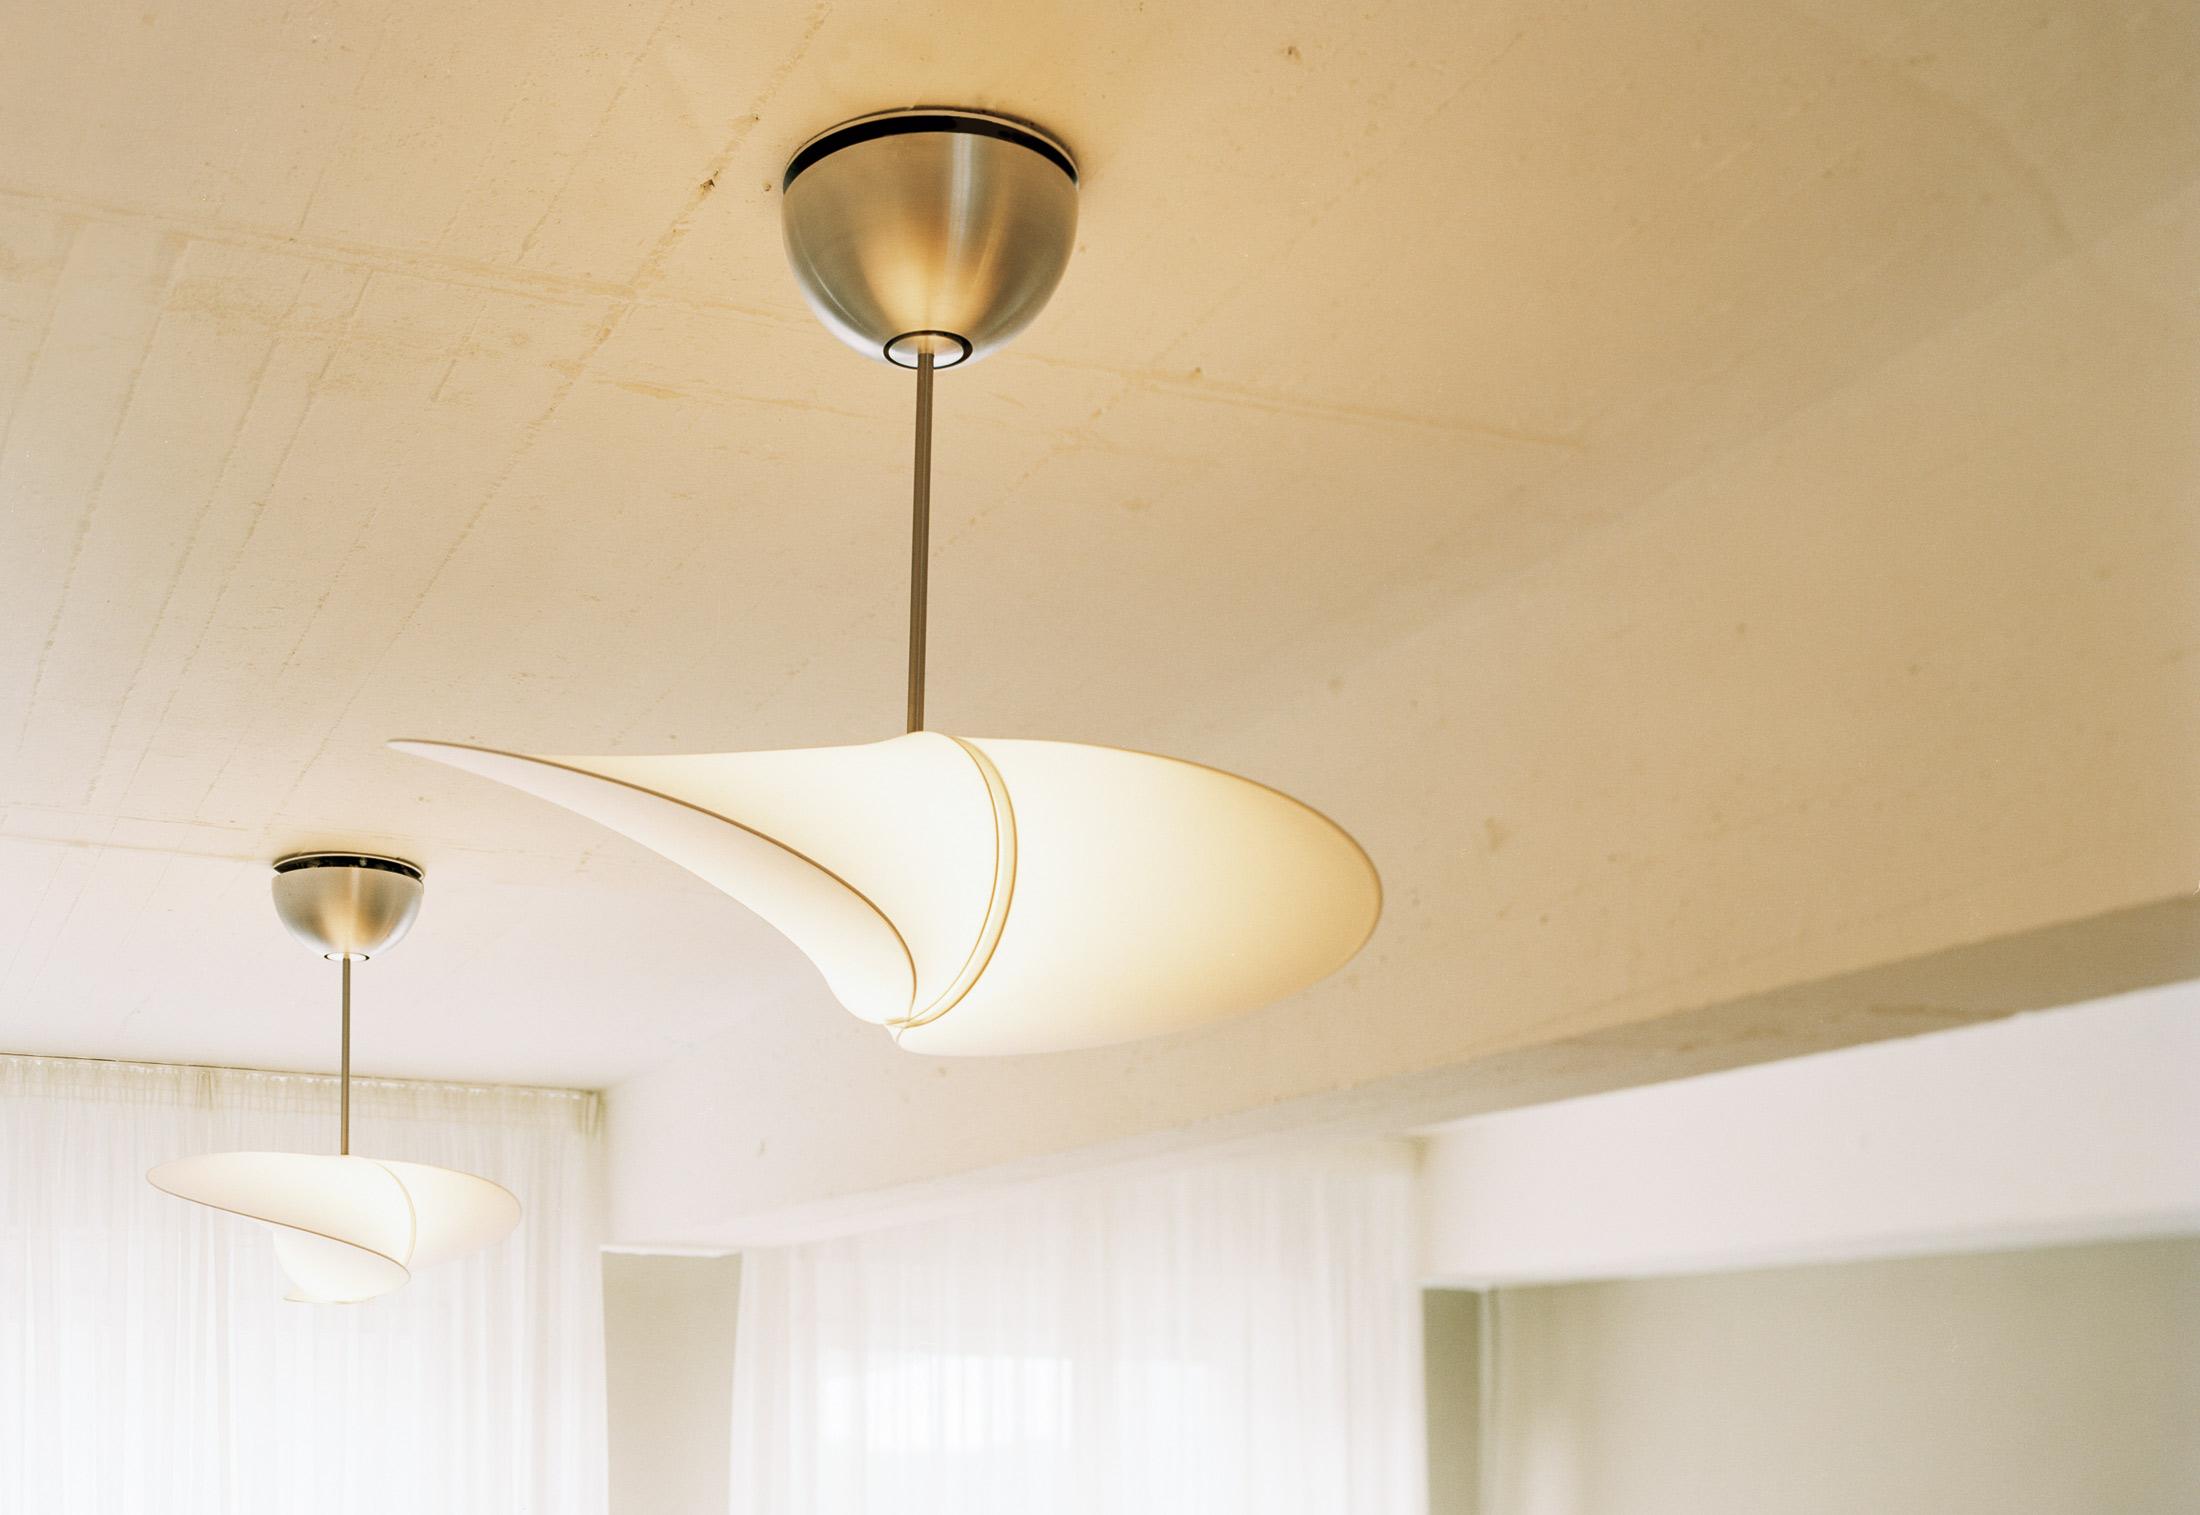 Propeller By Serien Lighting Stylepark